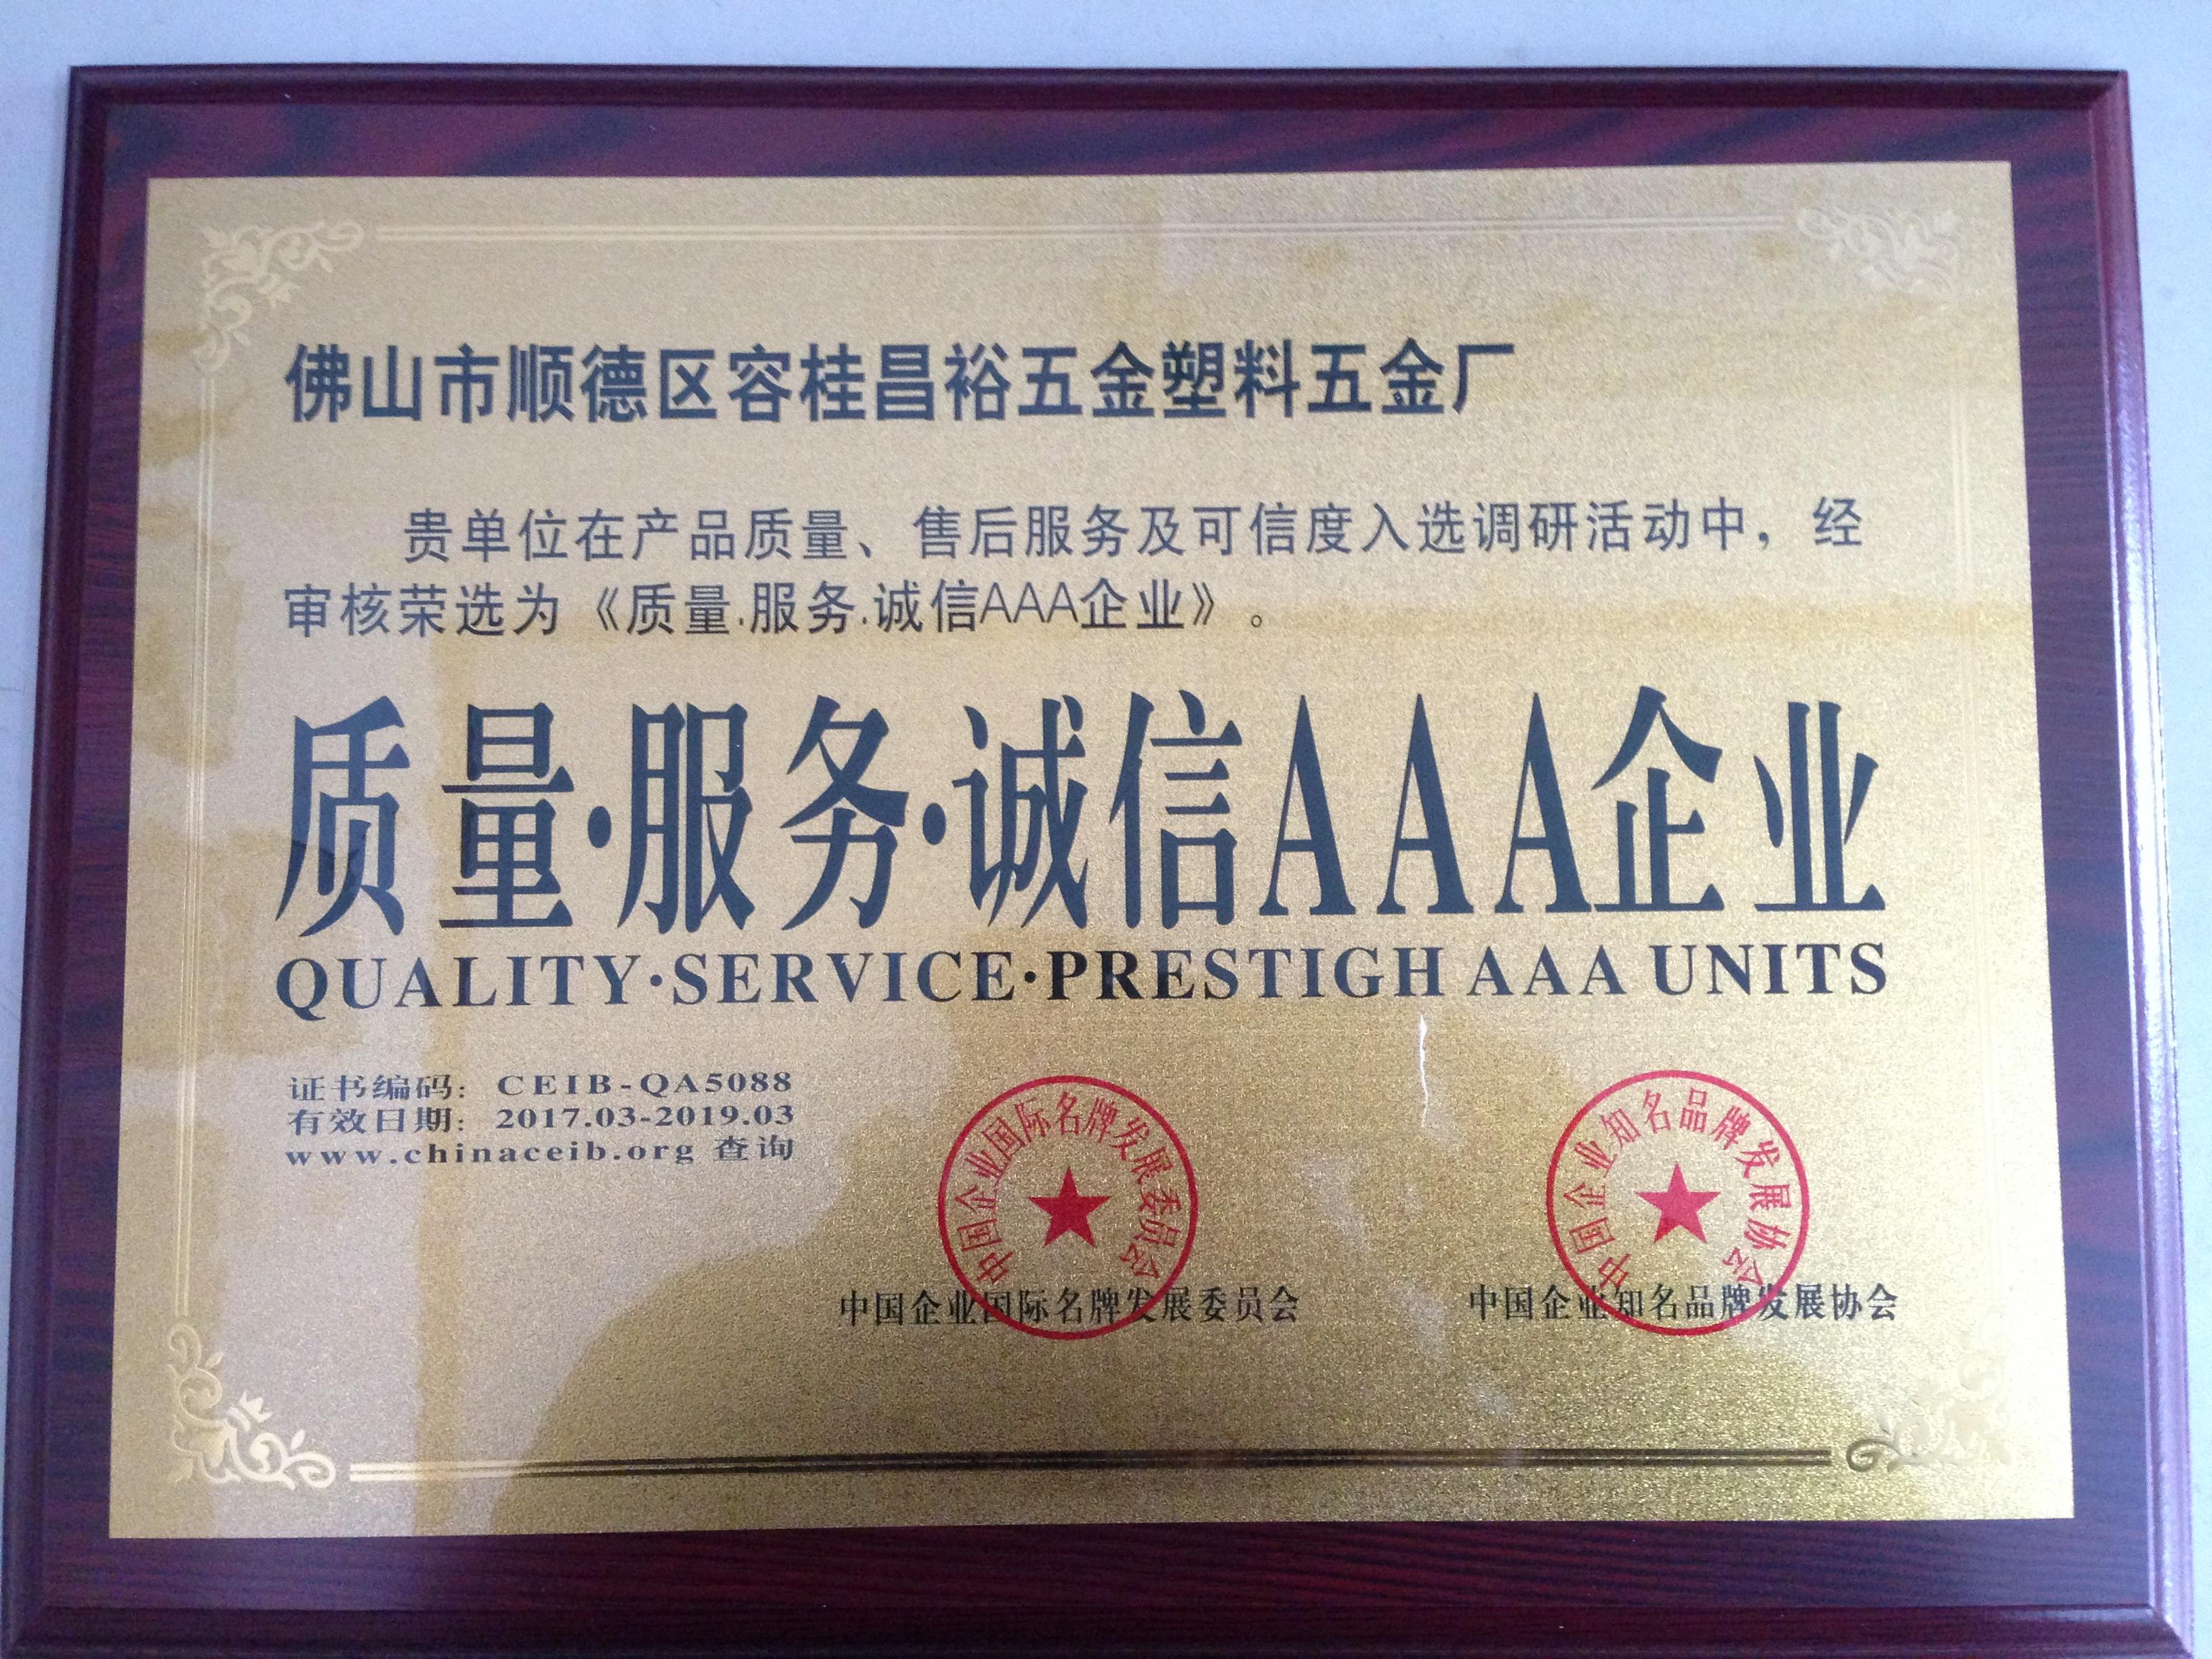 质量·服务·诚信AAA企业